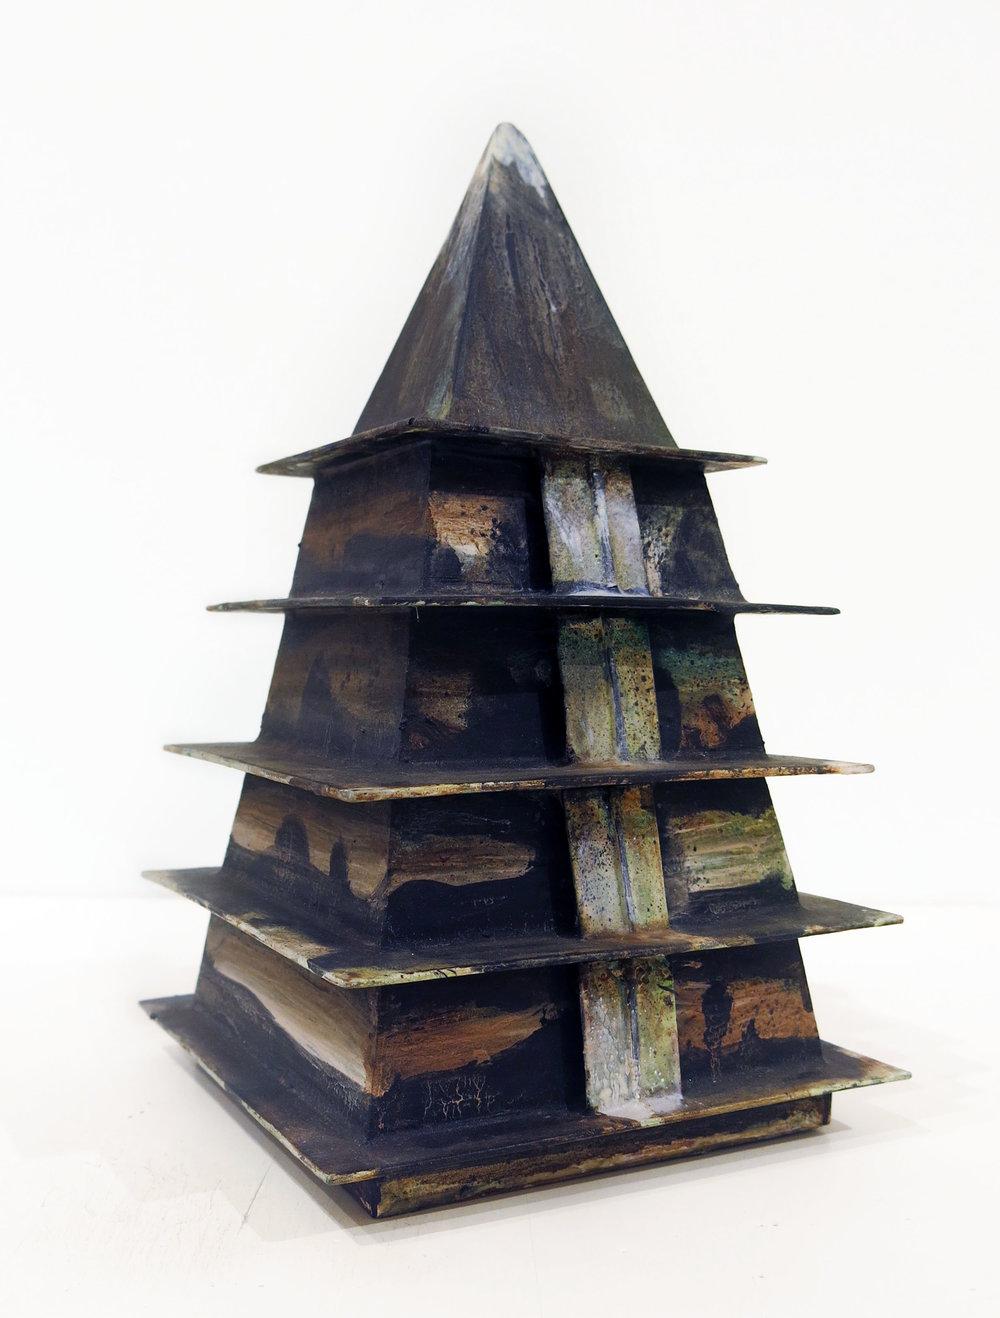 Hertbert Reichert,  Untitled (temple/ stupa)  2016, oil, wood glue, foamcore, 10.5h x 6.25w x 6.25d in.